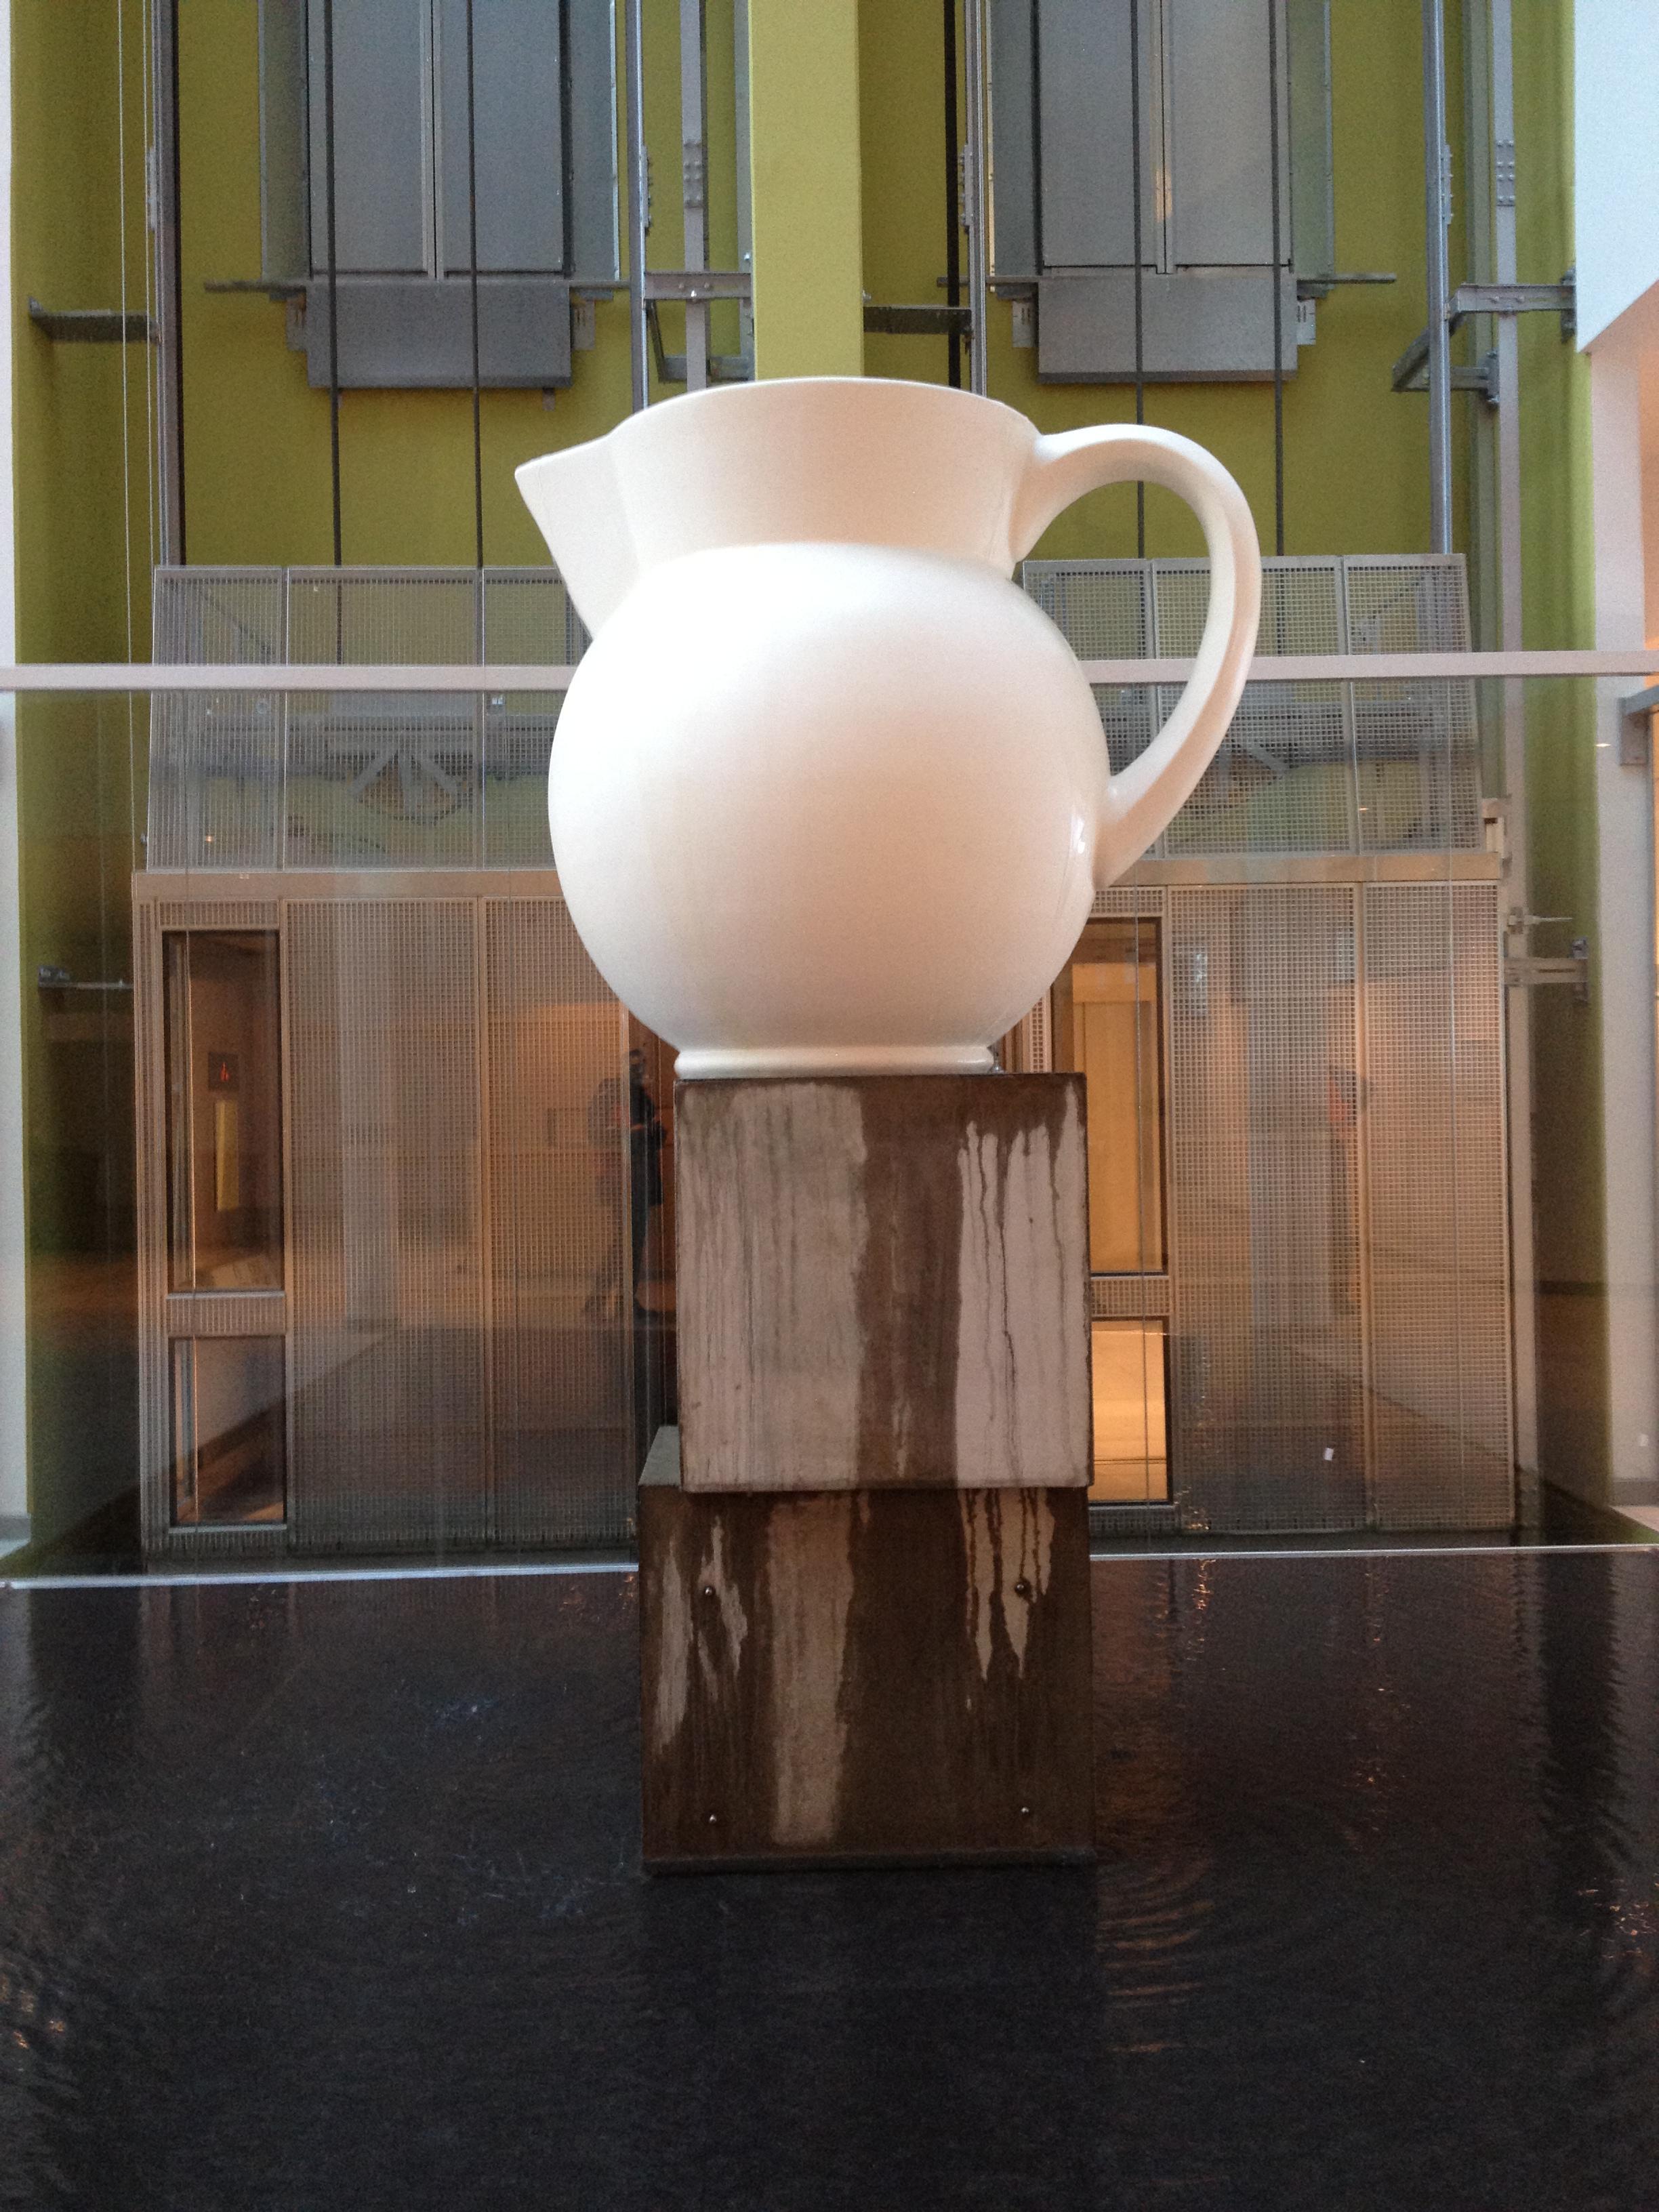 Konst har förstås en självklar plats i nya Pyskiatrins hus. Anders Widoff heter konstnären.